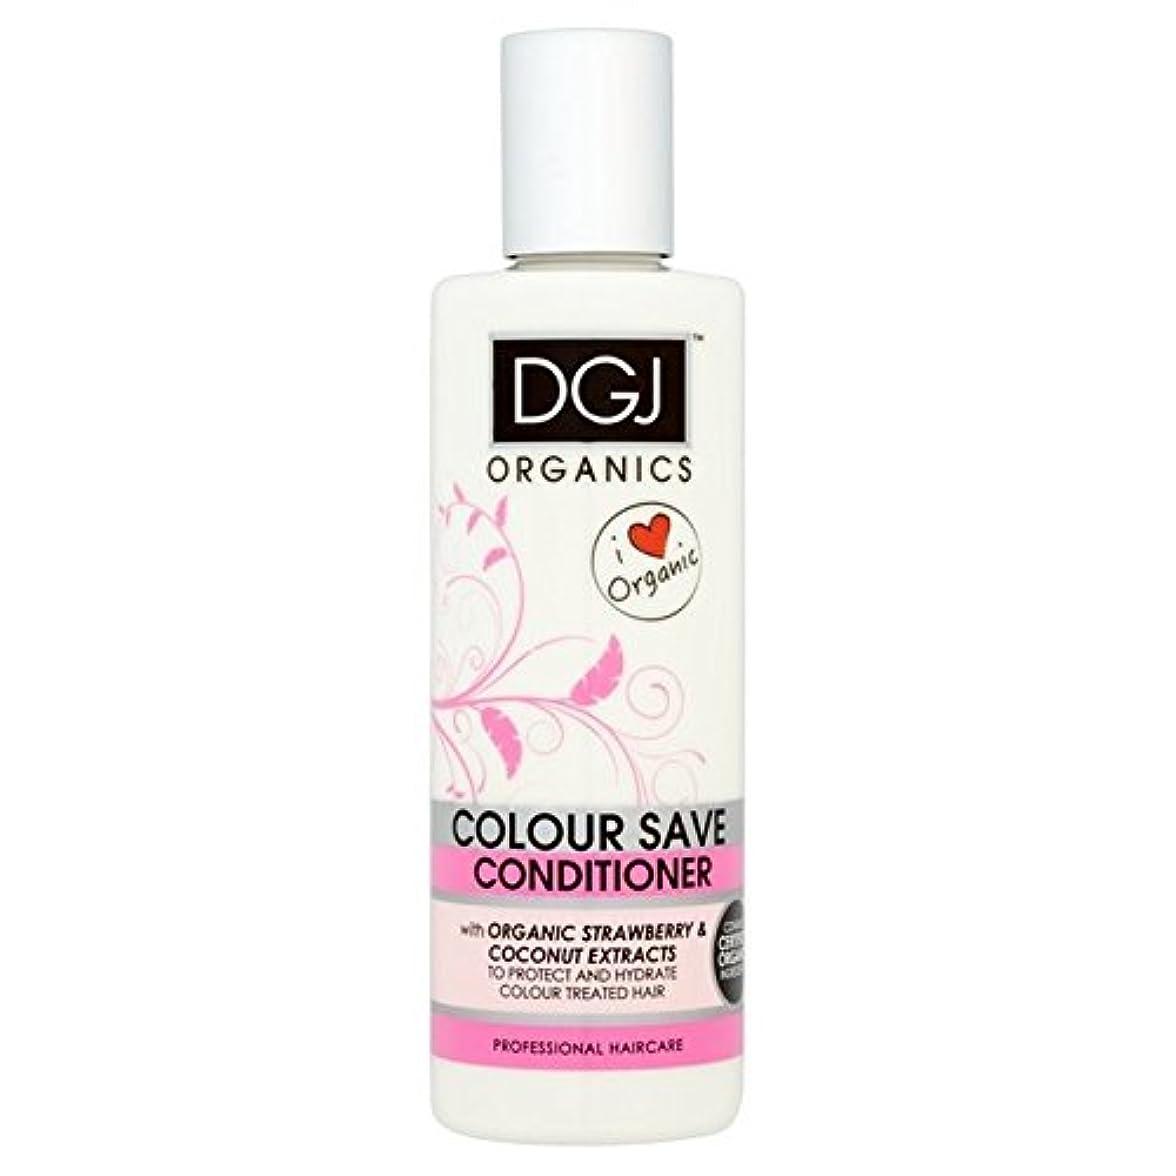 チャット注目すべきカニ有機物の色コンディショナー250を保存 x4 - DGJ Organics Colour Save Conditioner 250ml (Pack of 4) [並行輸入品]